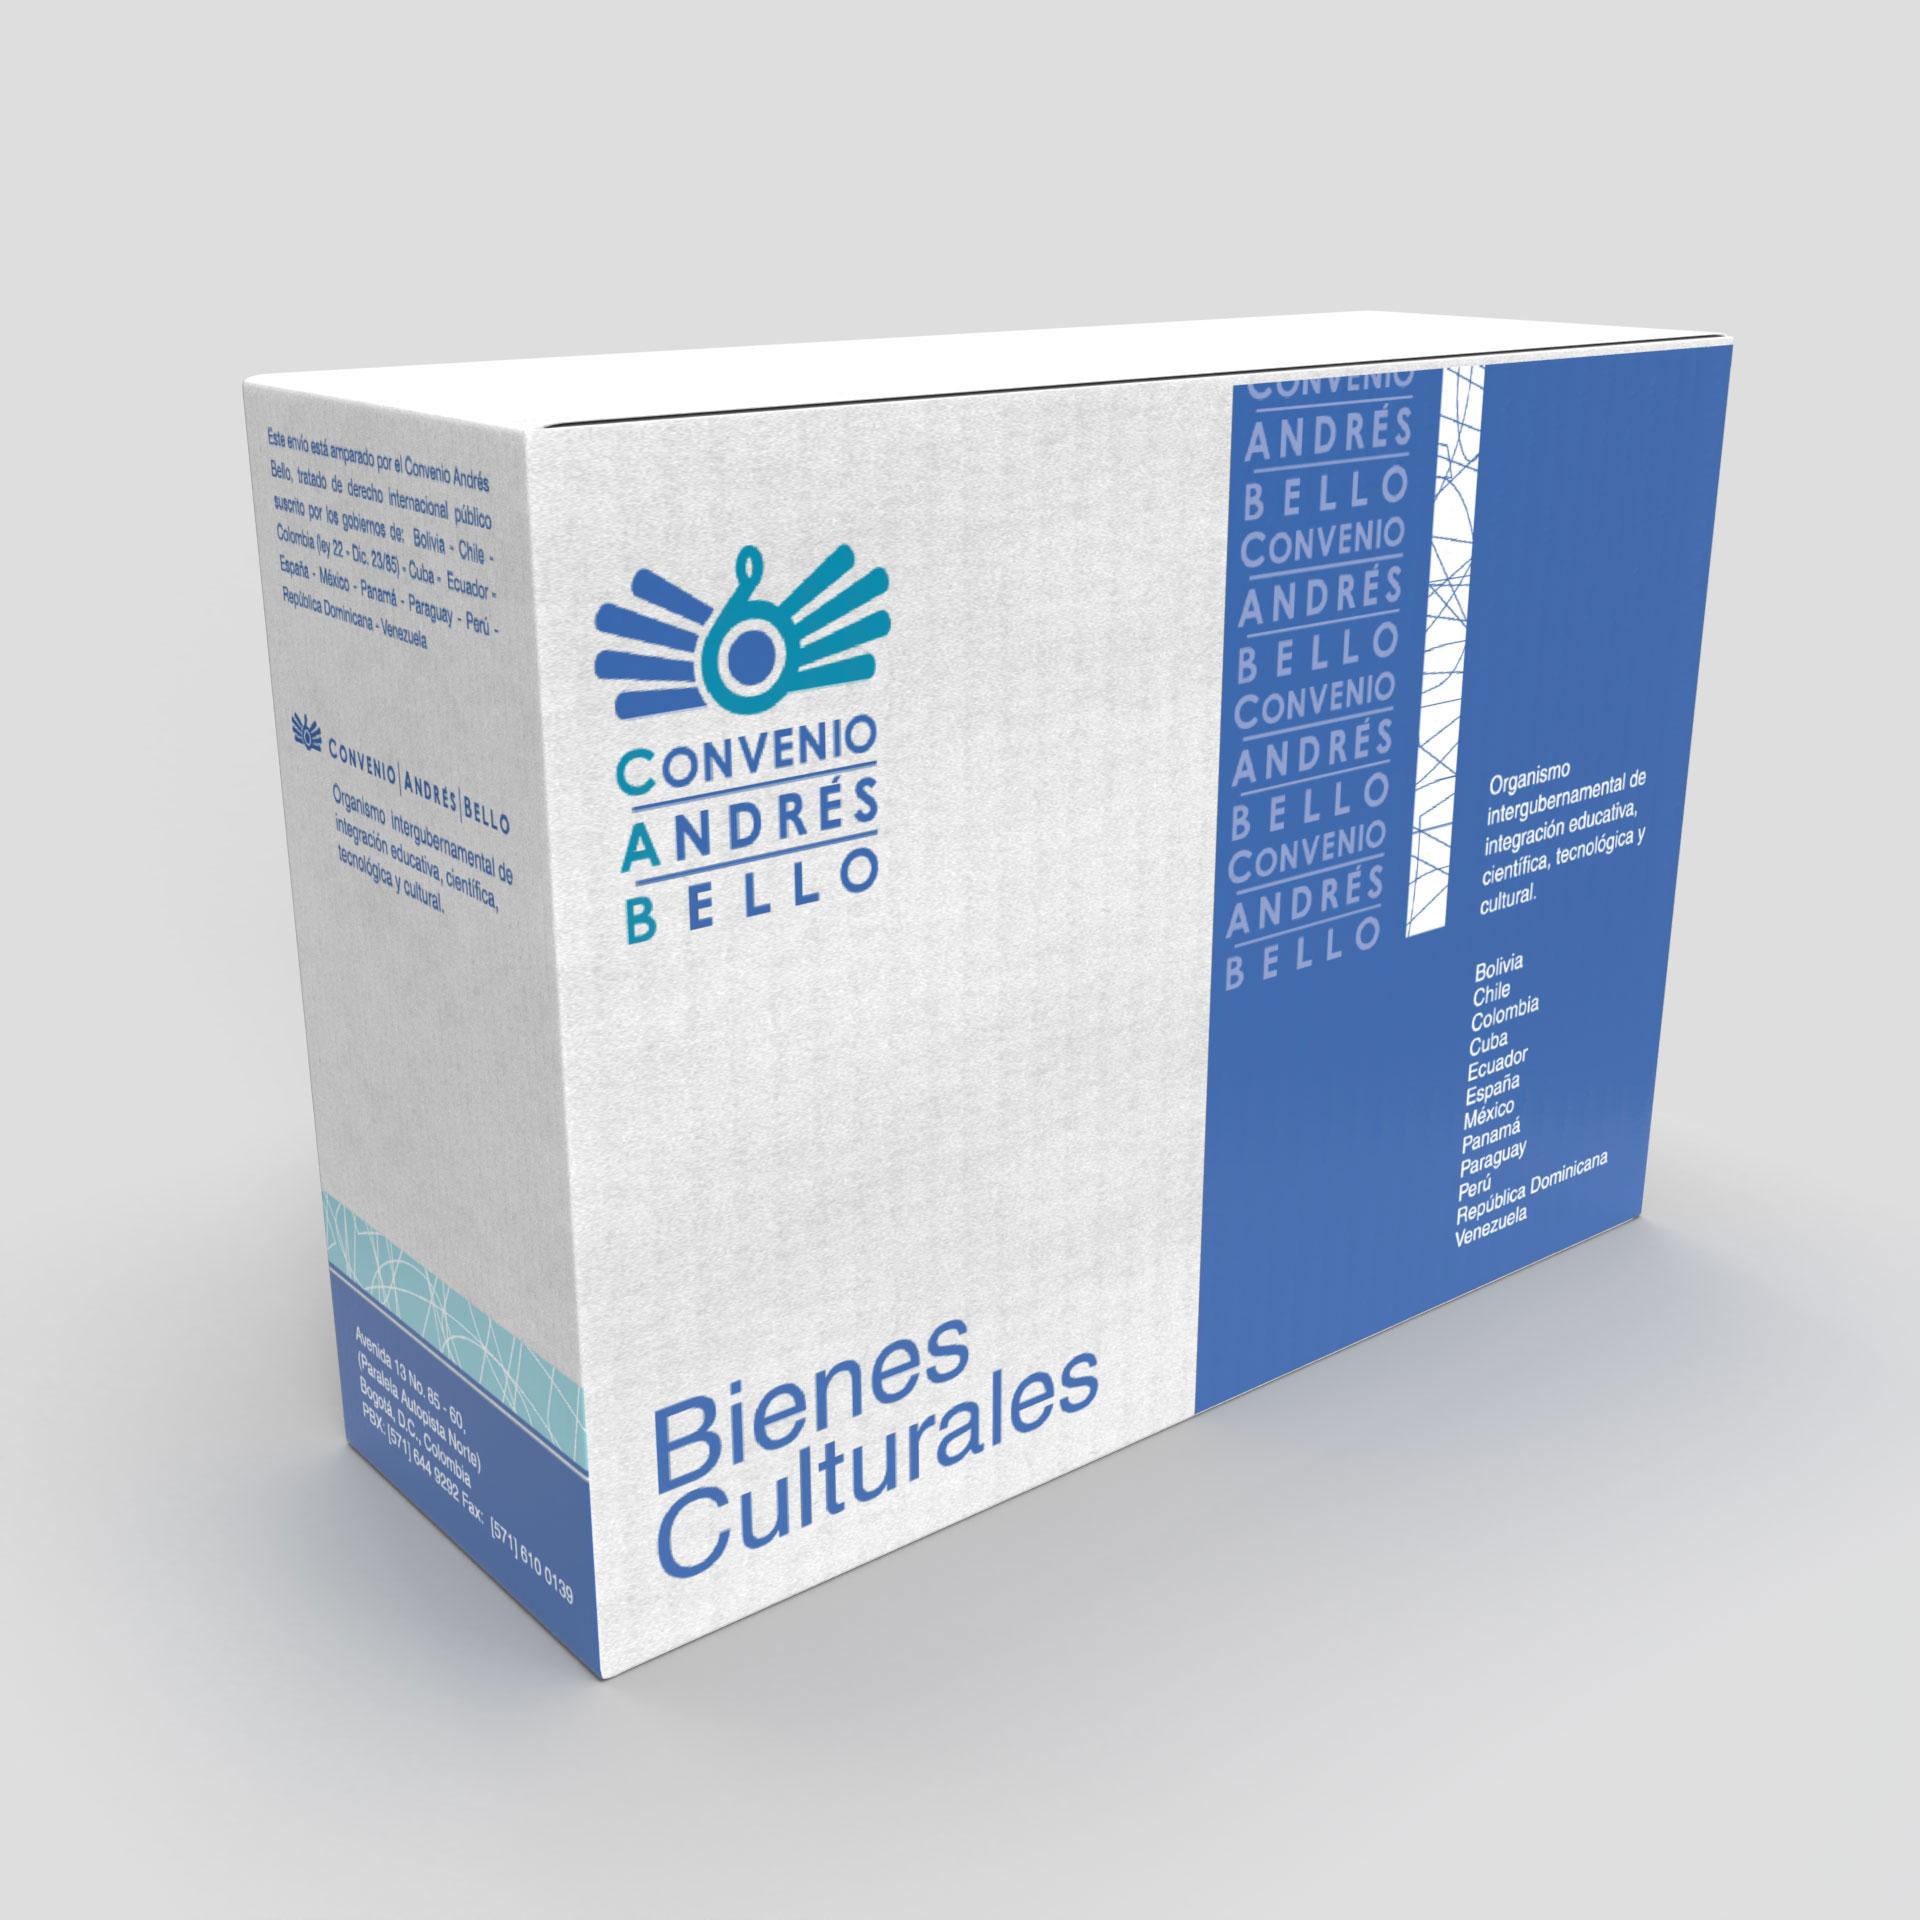 Diseño de Identidad Visual y Logotipo para la marca Convenio Andrés Bello